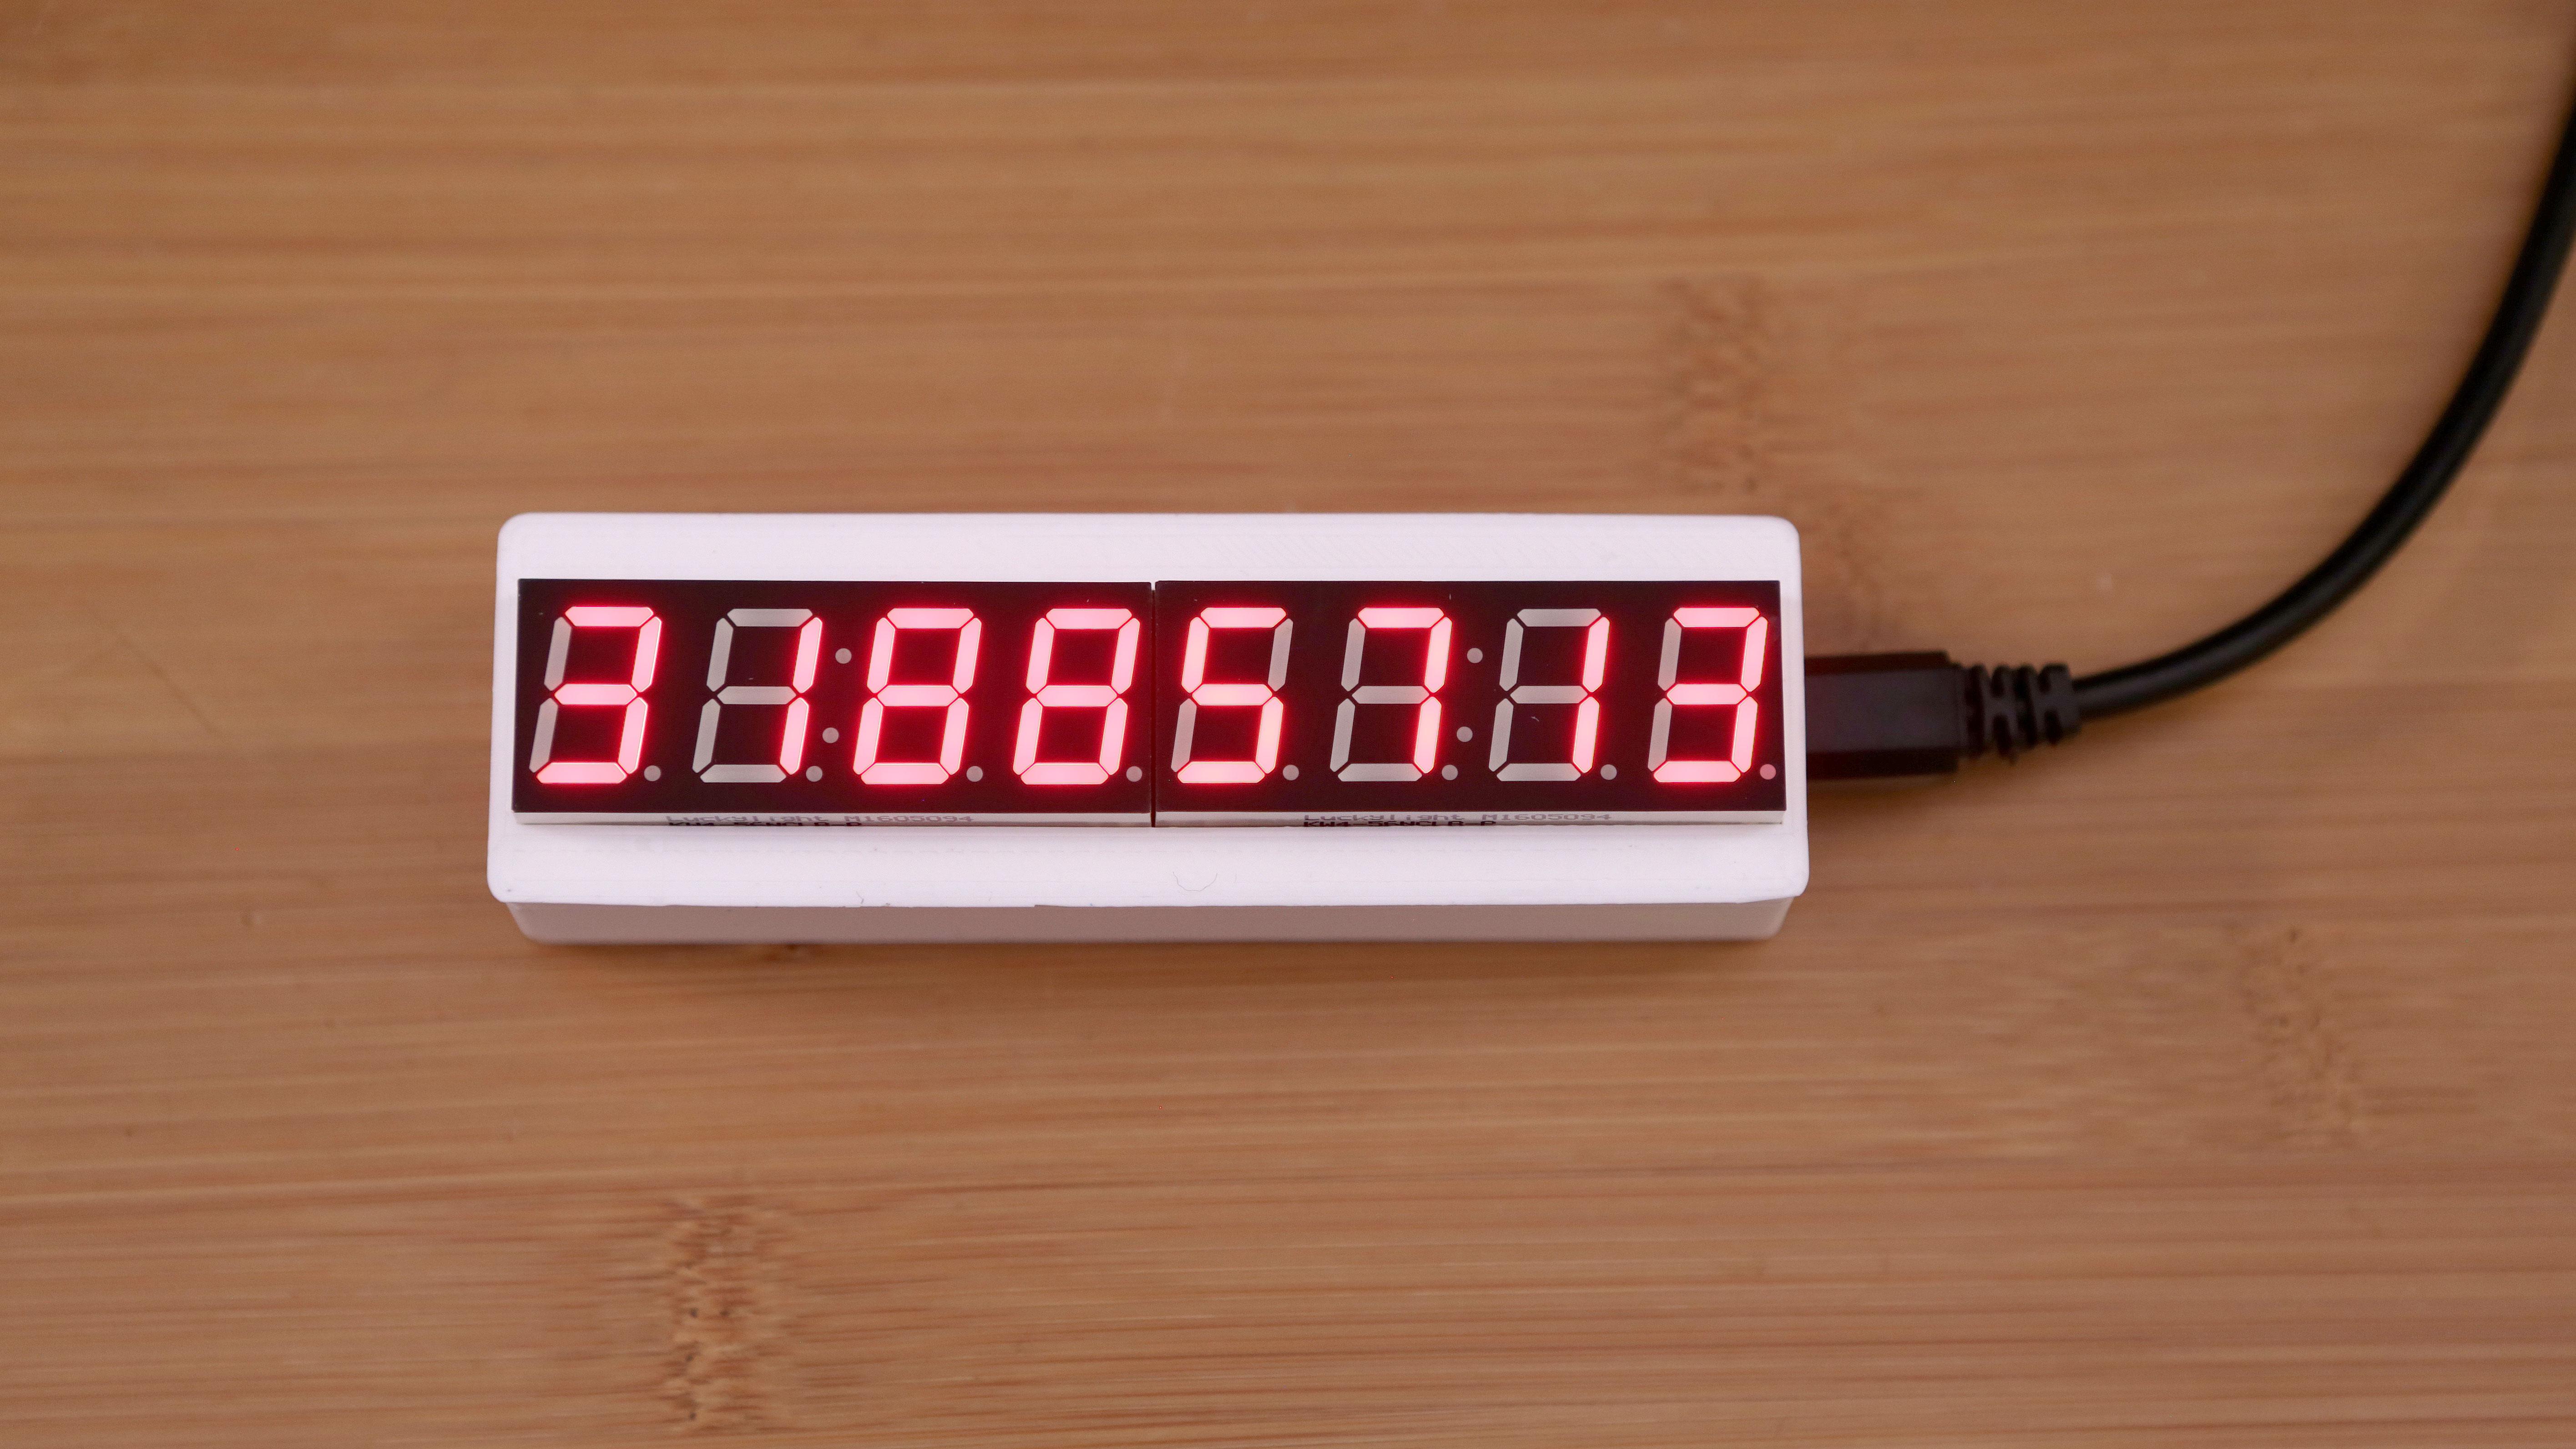 arduino_clock-hero2-red.jpg